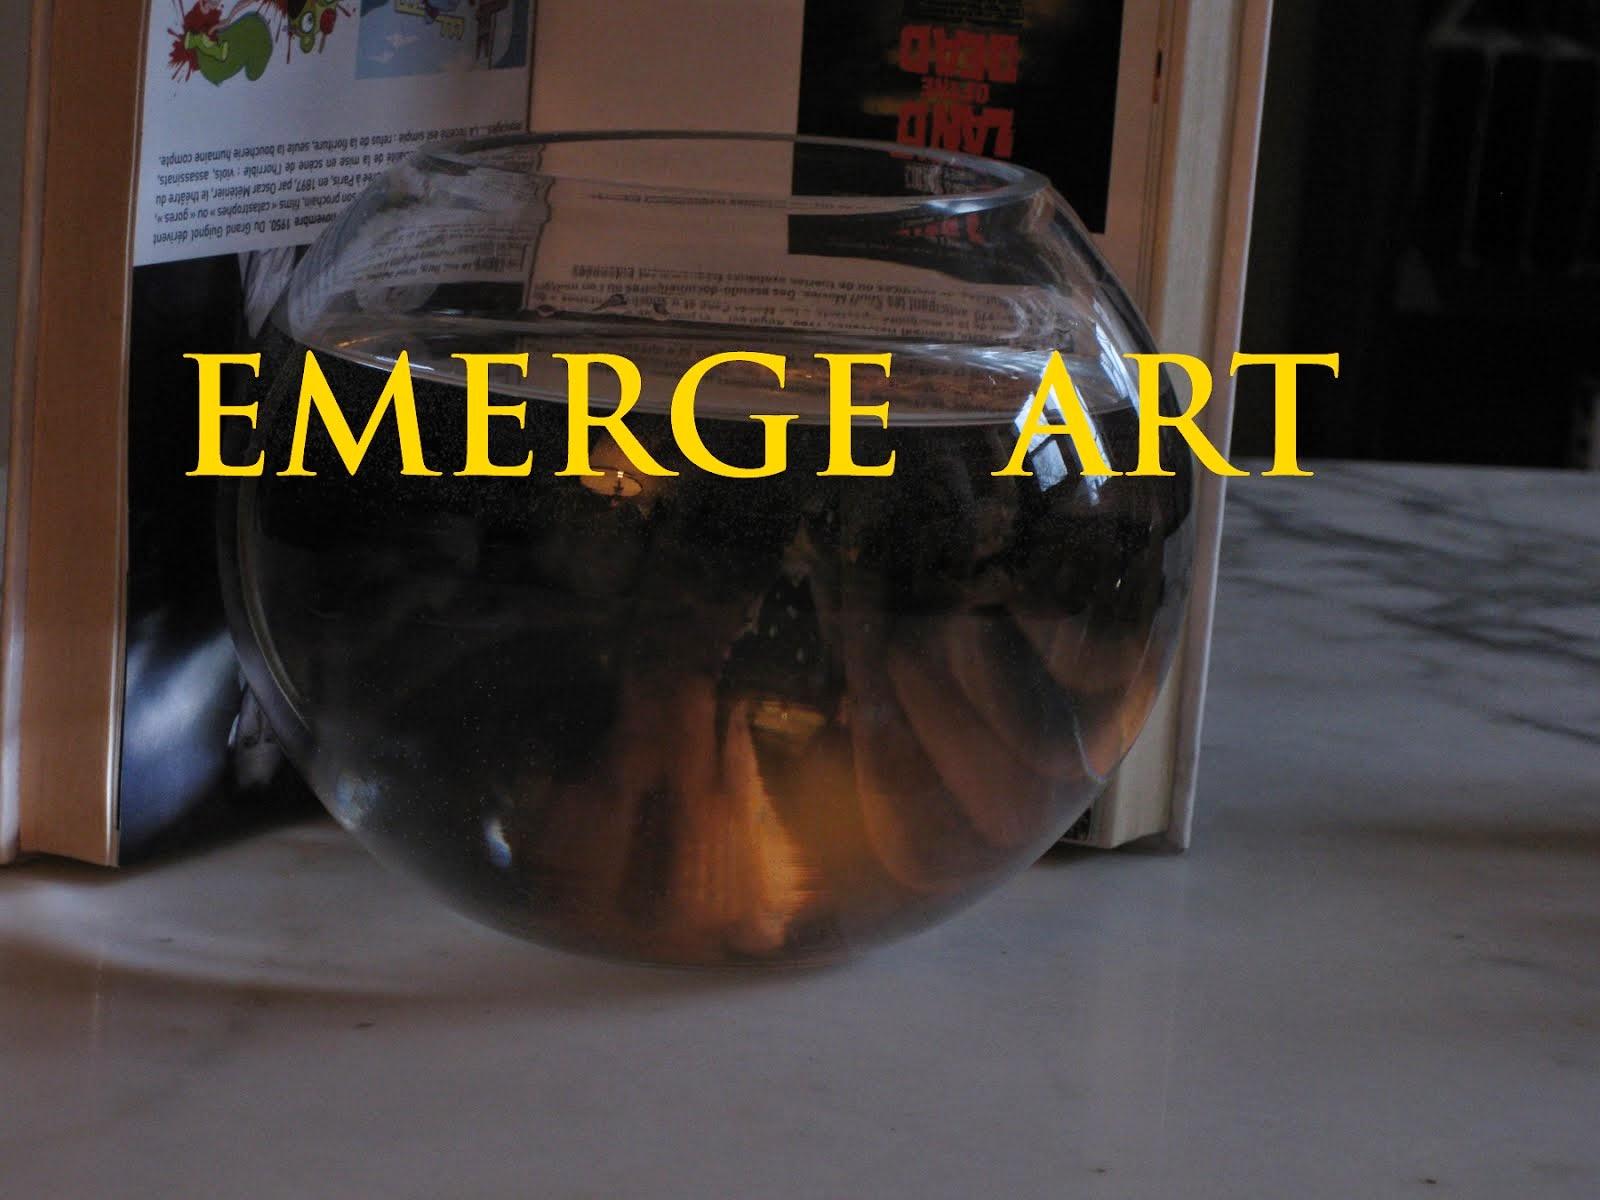 EMERGE ART with the book «Extrême: Esthétiques de la limite dépassée» by Paul Ardenne / Flammarion